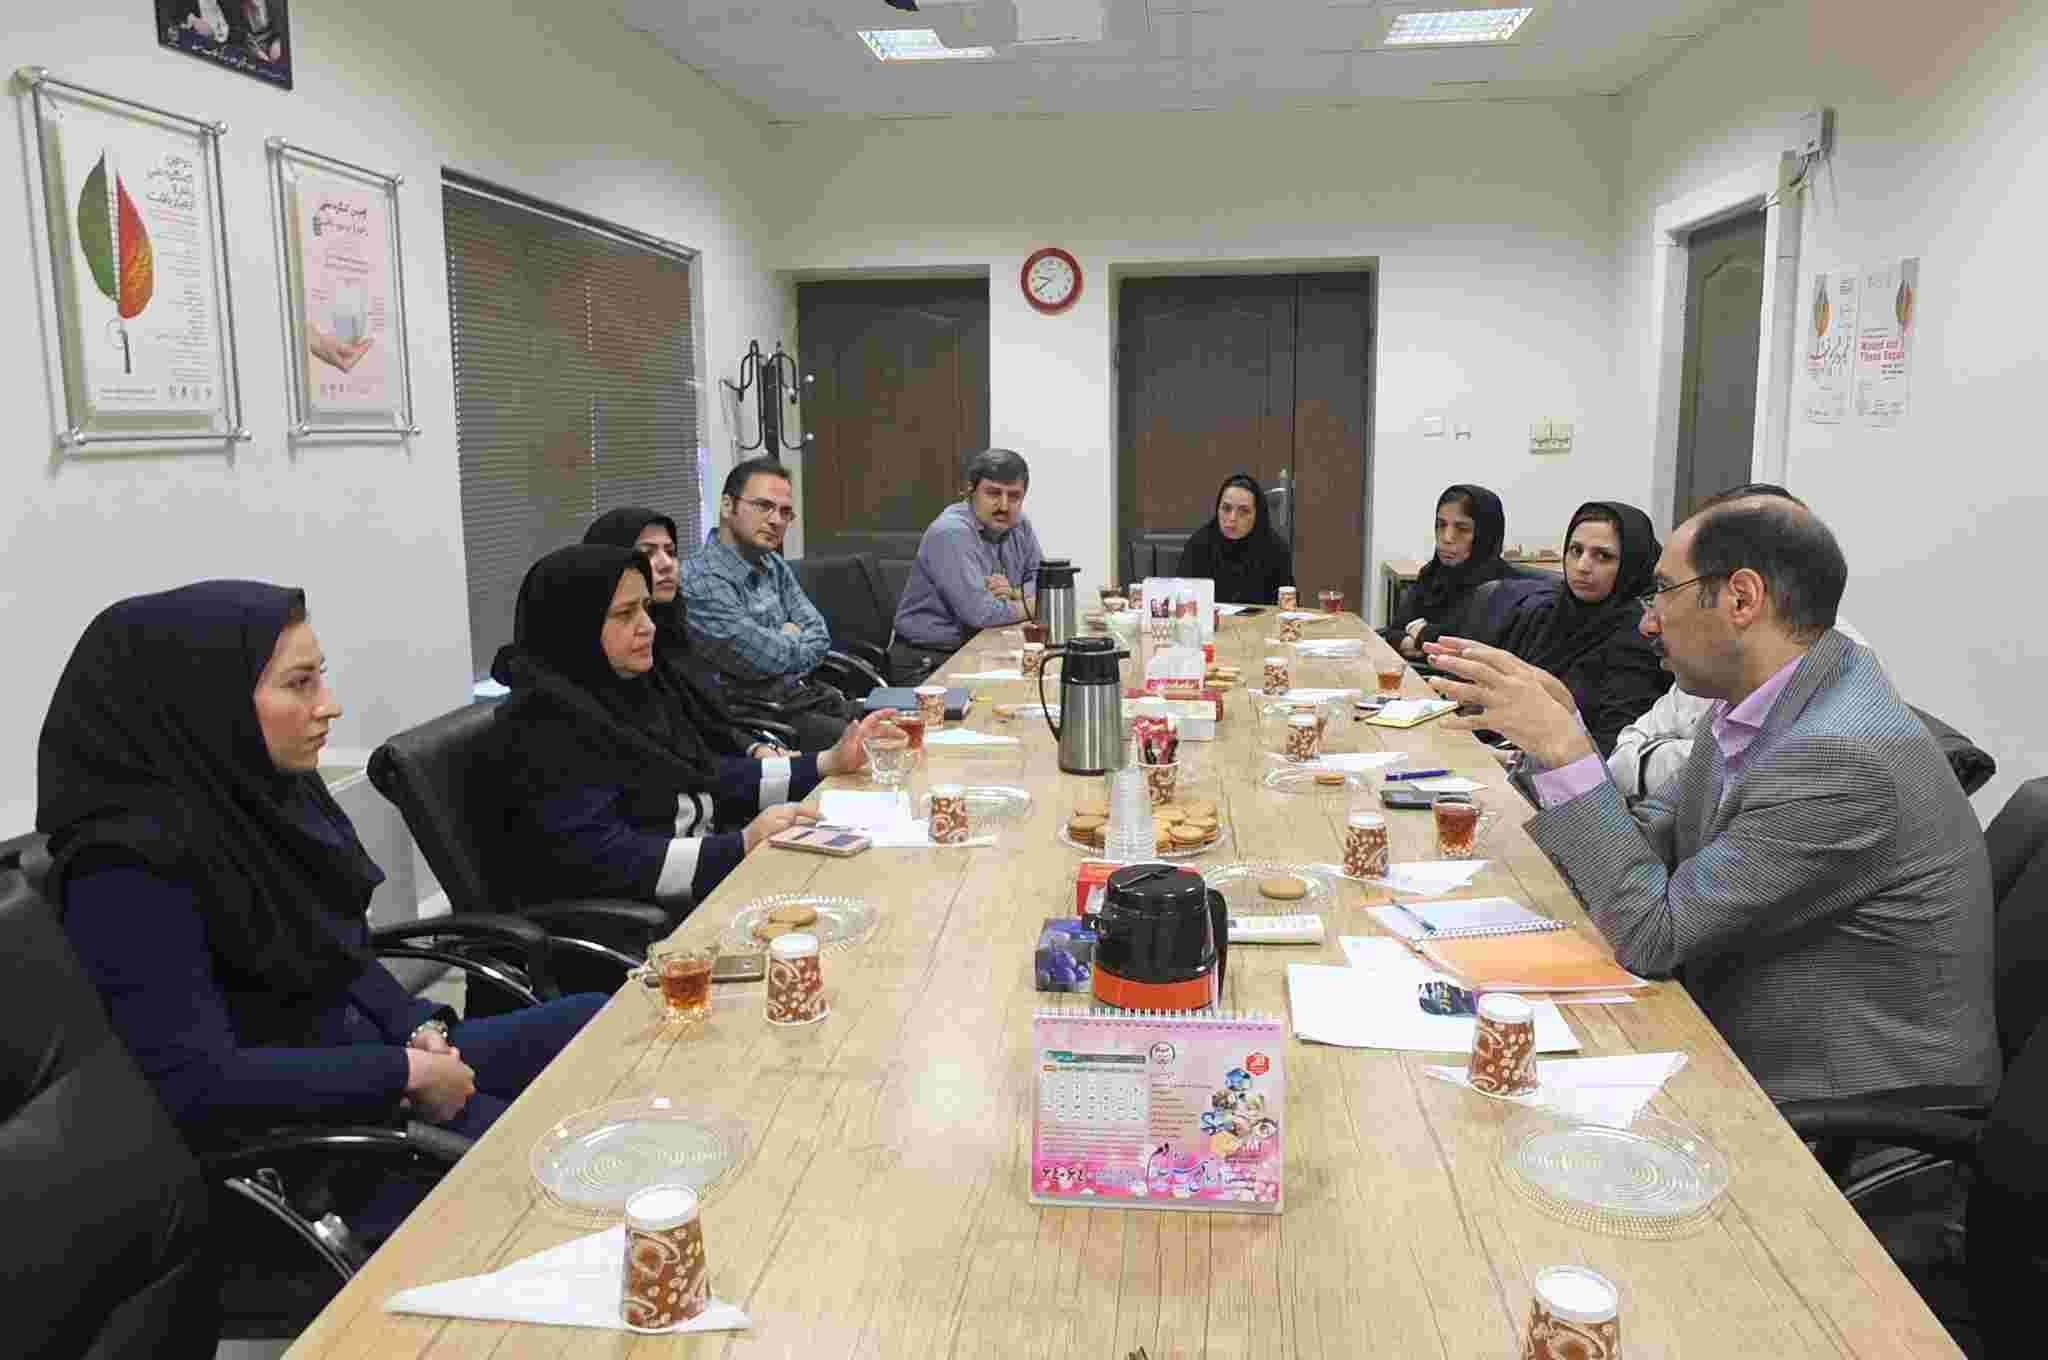 نخستین جلسه شورای علمی معاونت پژوهشی جهاددانشگاهی علوم پزشکی تهران در سال 96